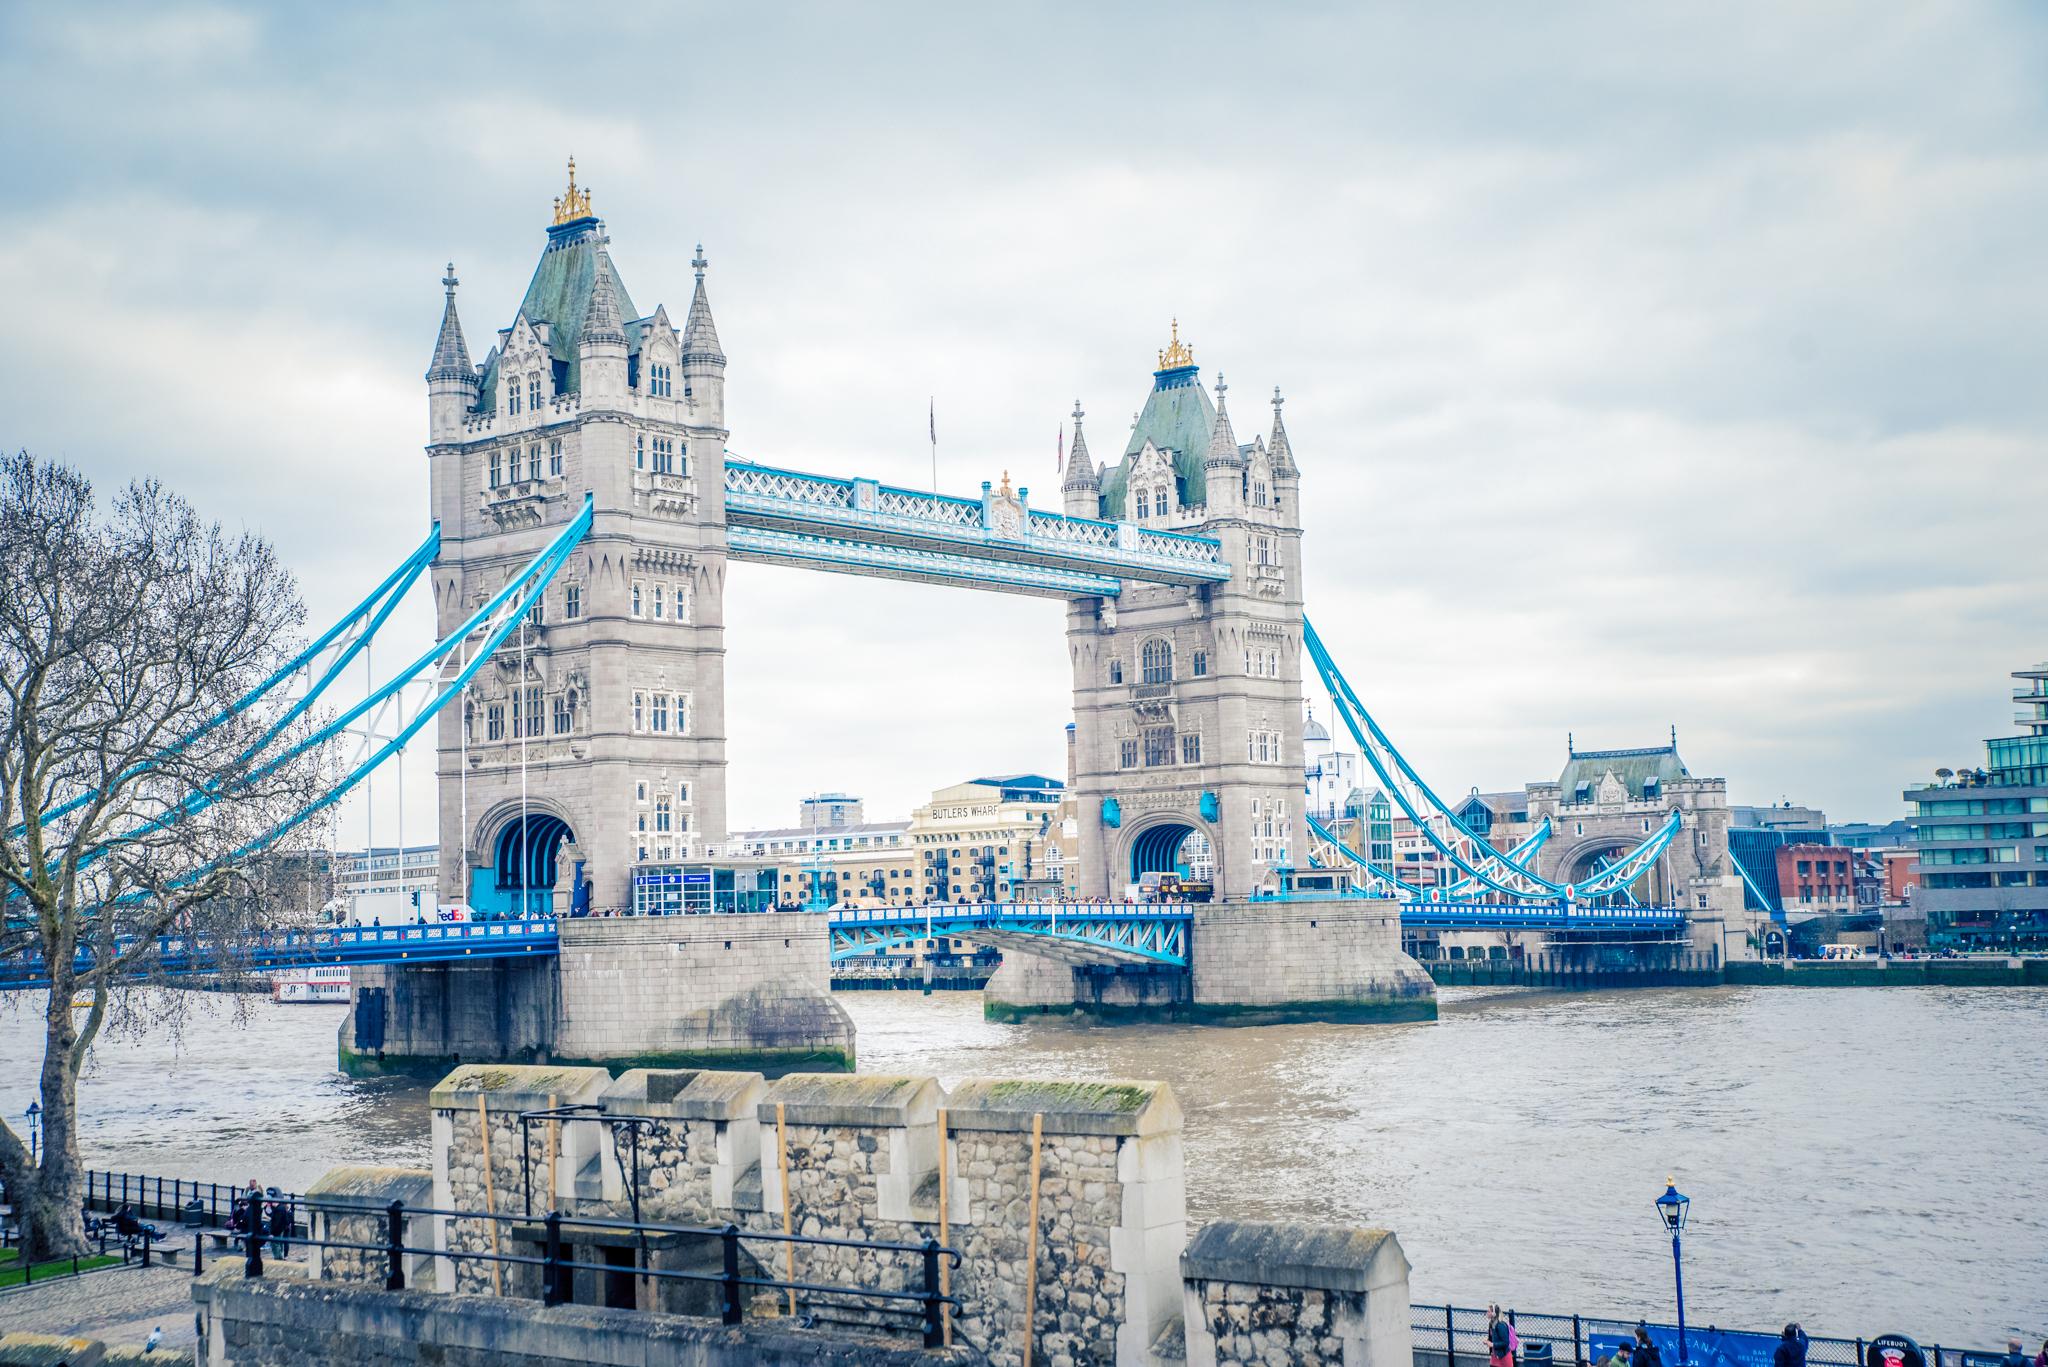 _20190321-DSC_6429-london-wr.jpg